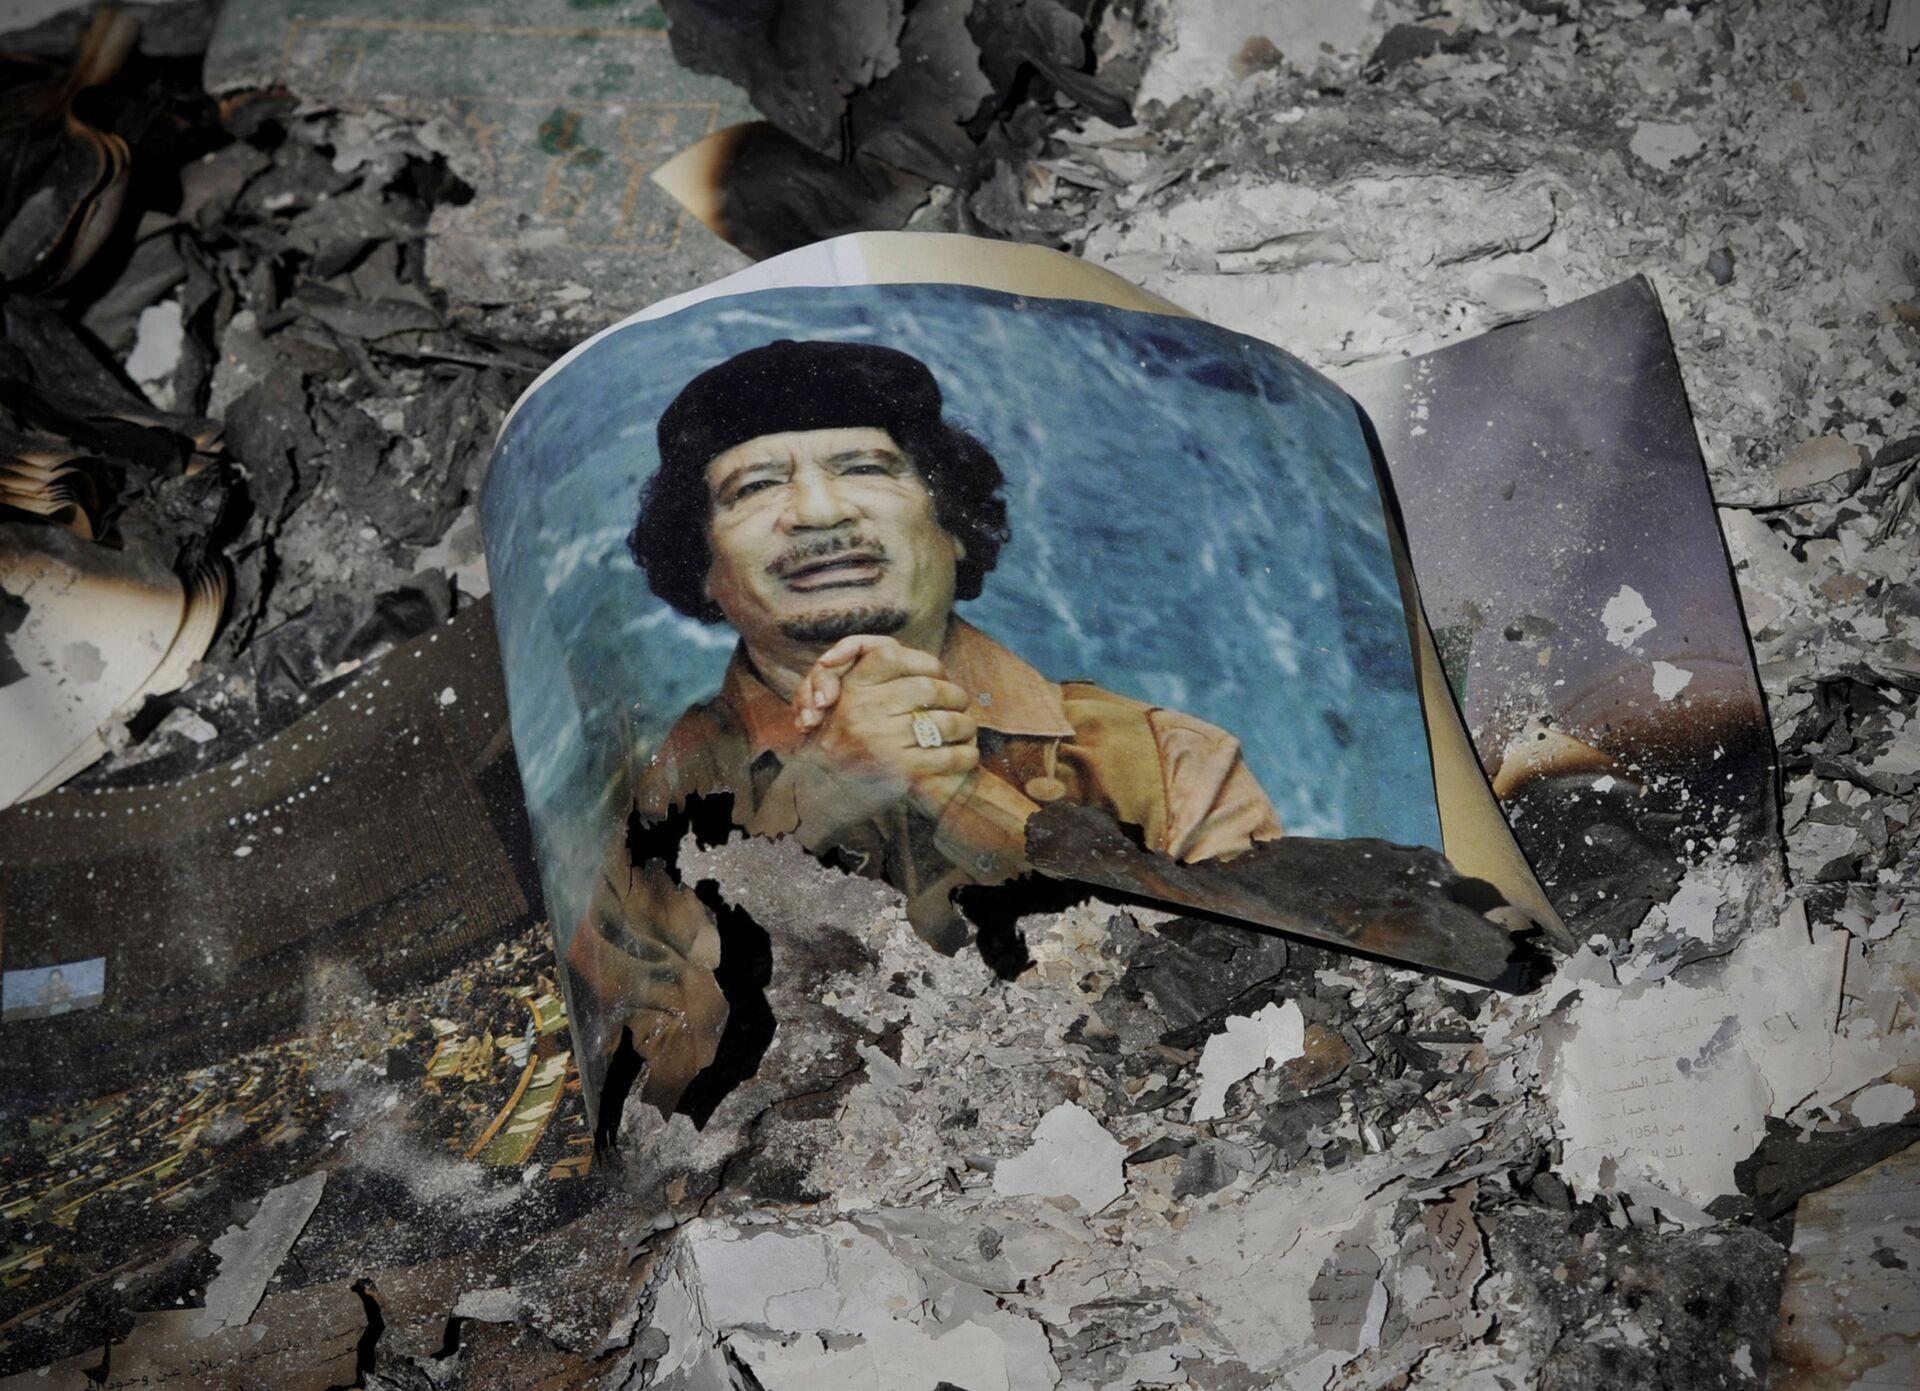 Tra cospirazione e rivoluzione: cosa pensano i libici della caduta di Gheddafi dieci anni dopo - Sputnik Italia, 1920, 15.02.2021